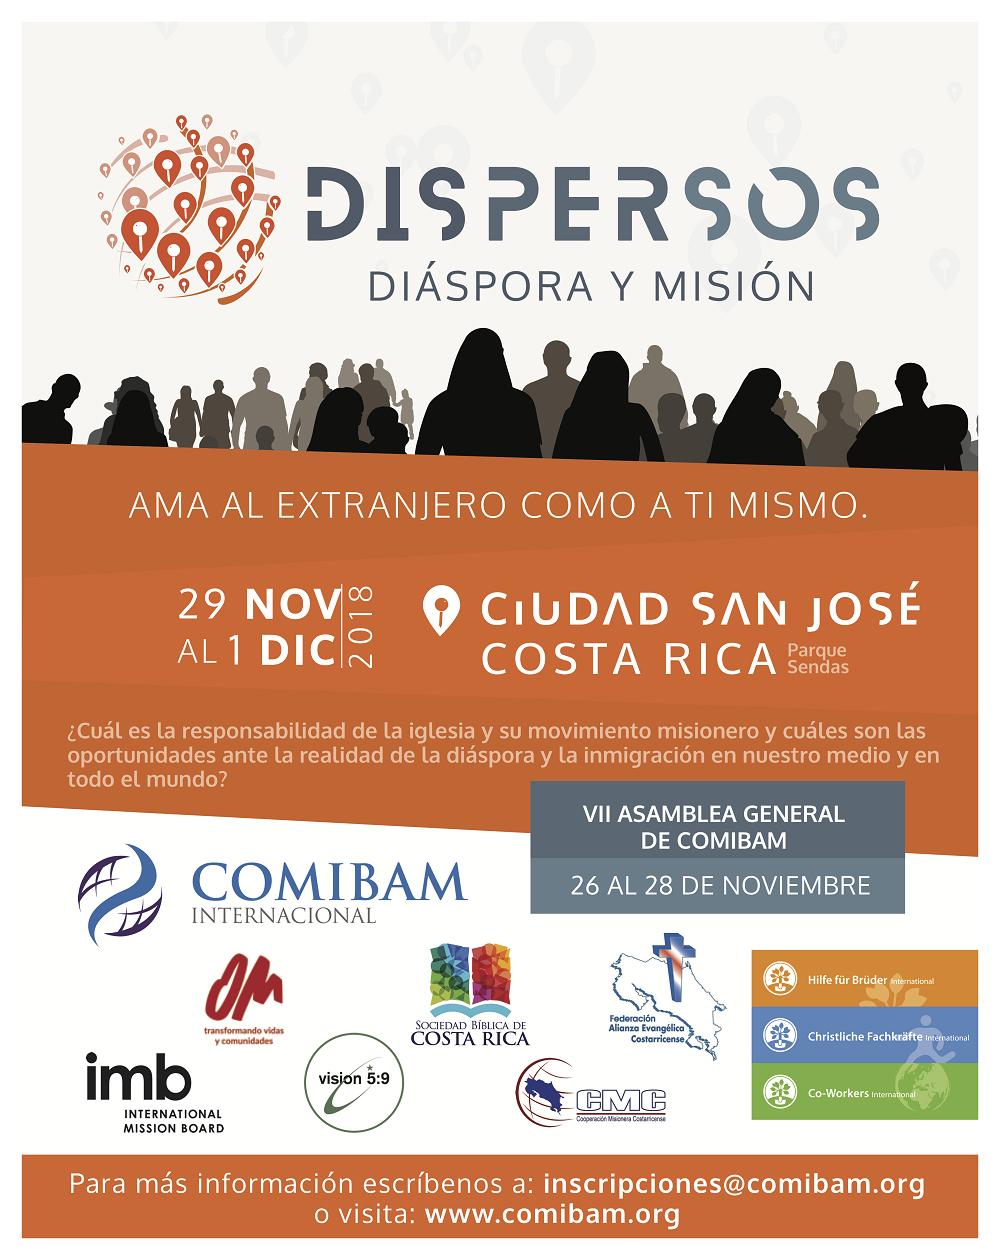 Dispersos | Diáspora y Misión